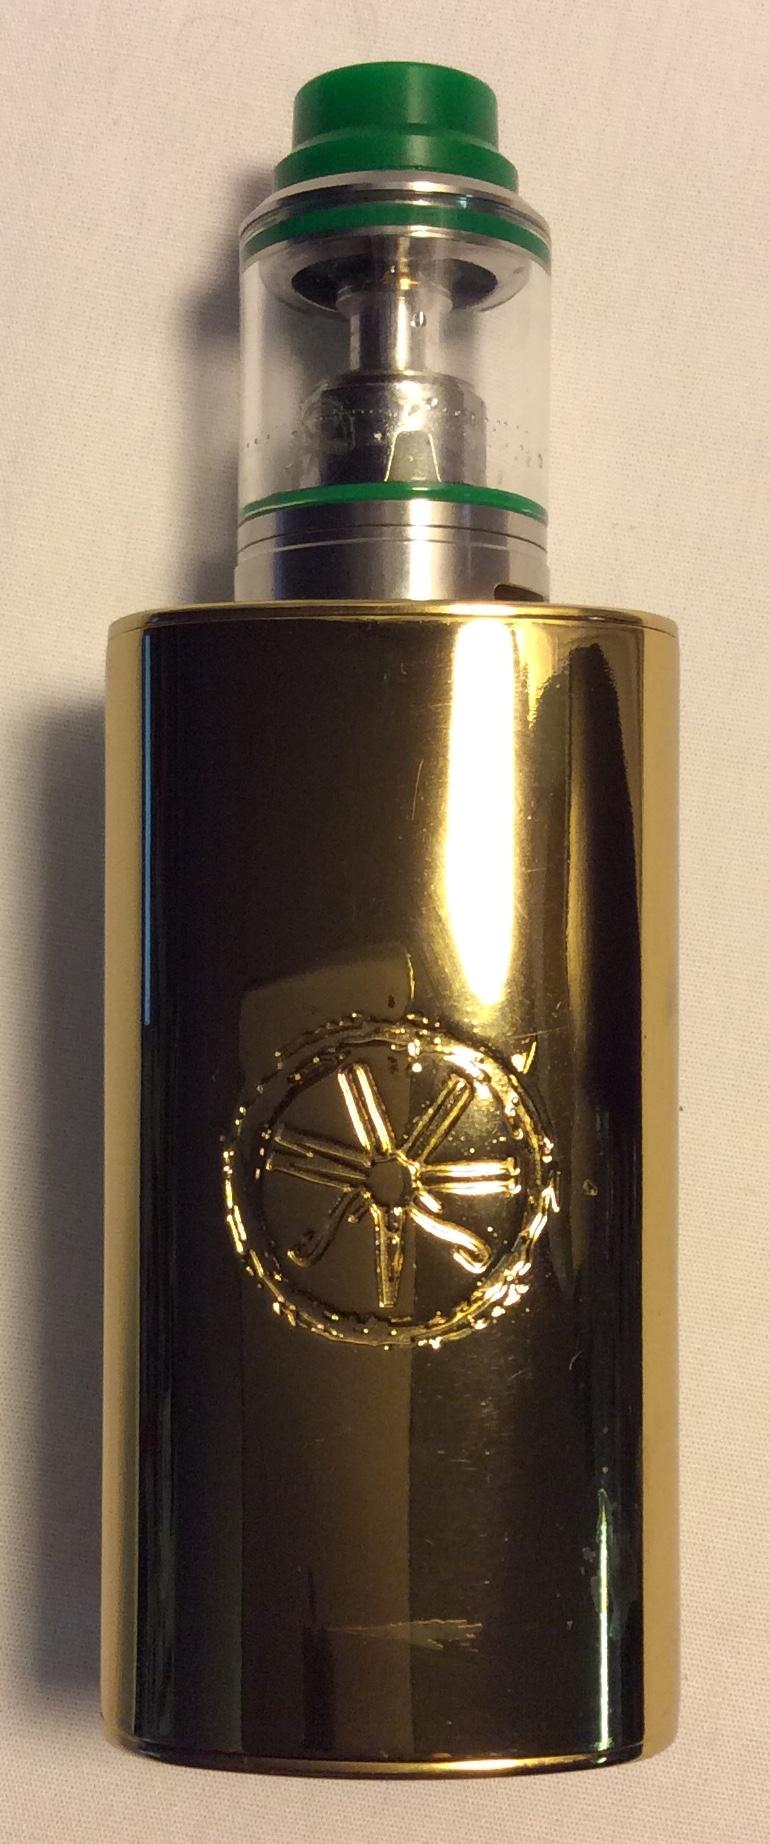 Asmodus Ohmie Vape tank: Gold base